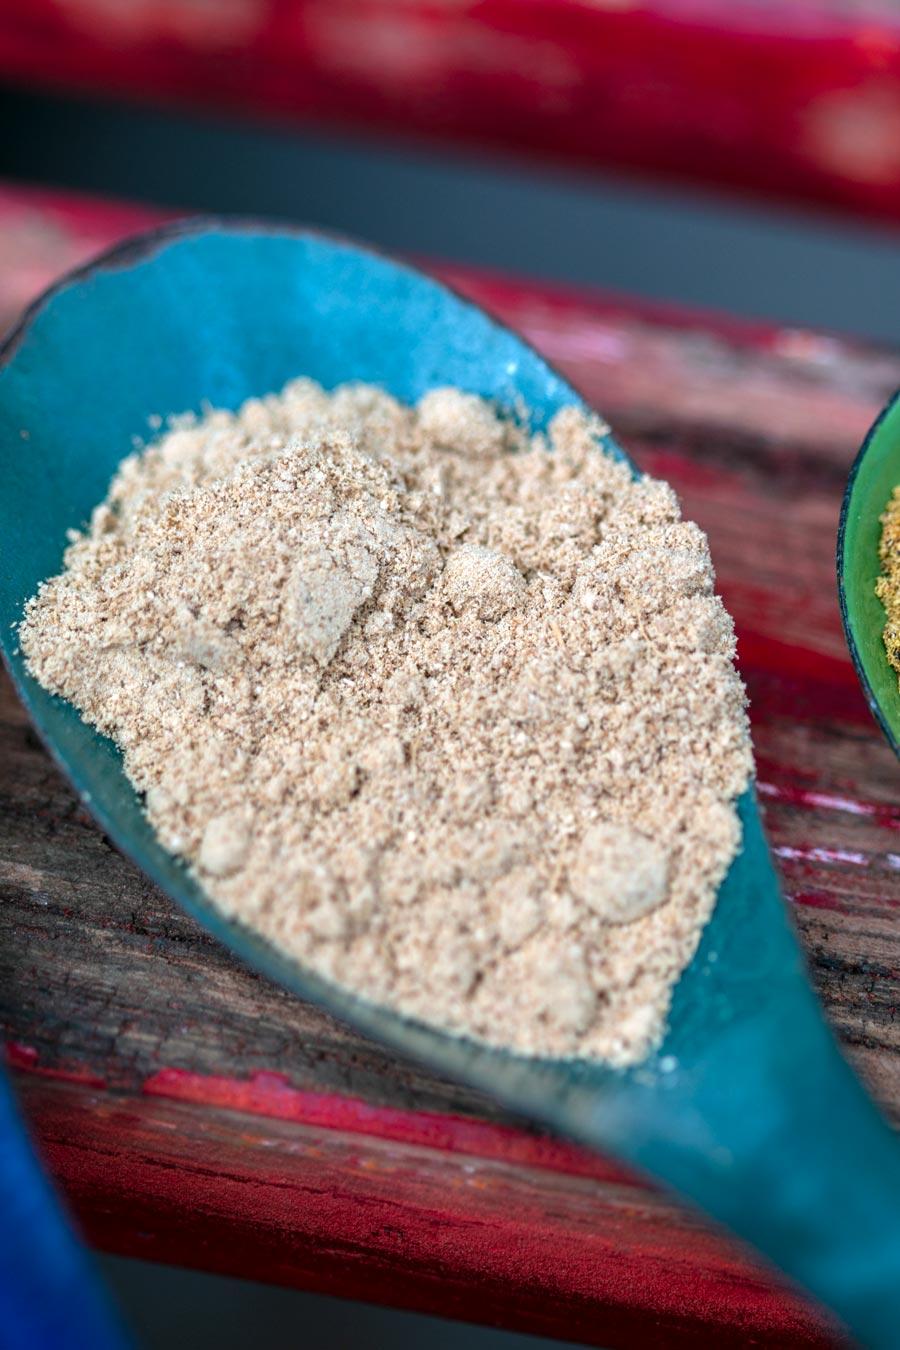 Gingembre biologique du Népal en poudre dans une cuillère